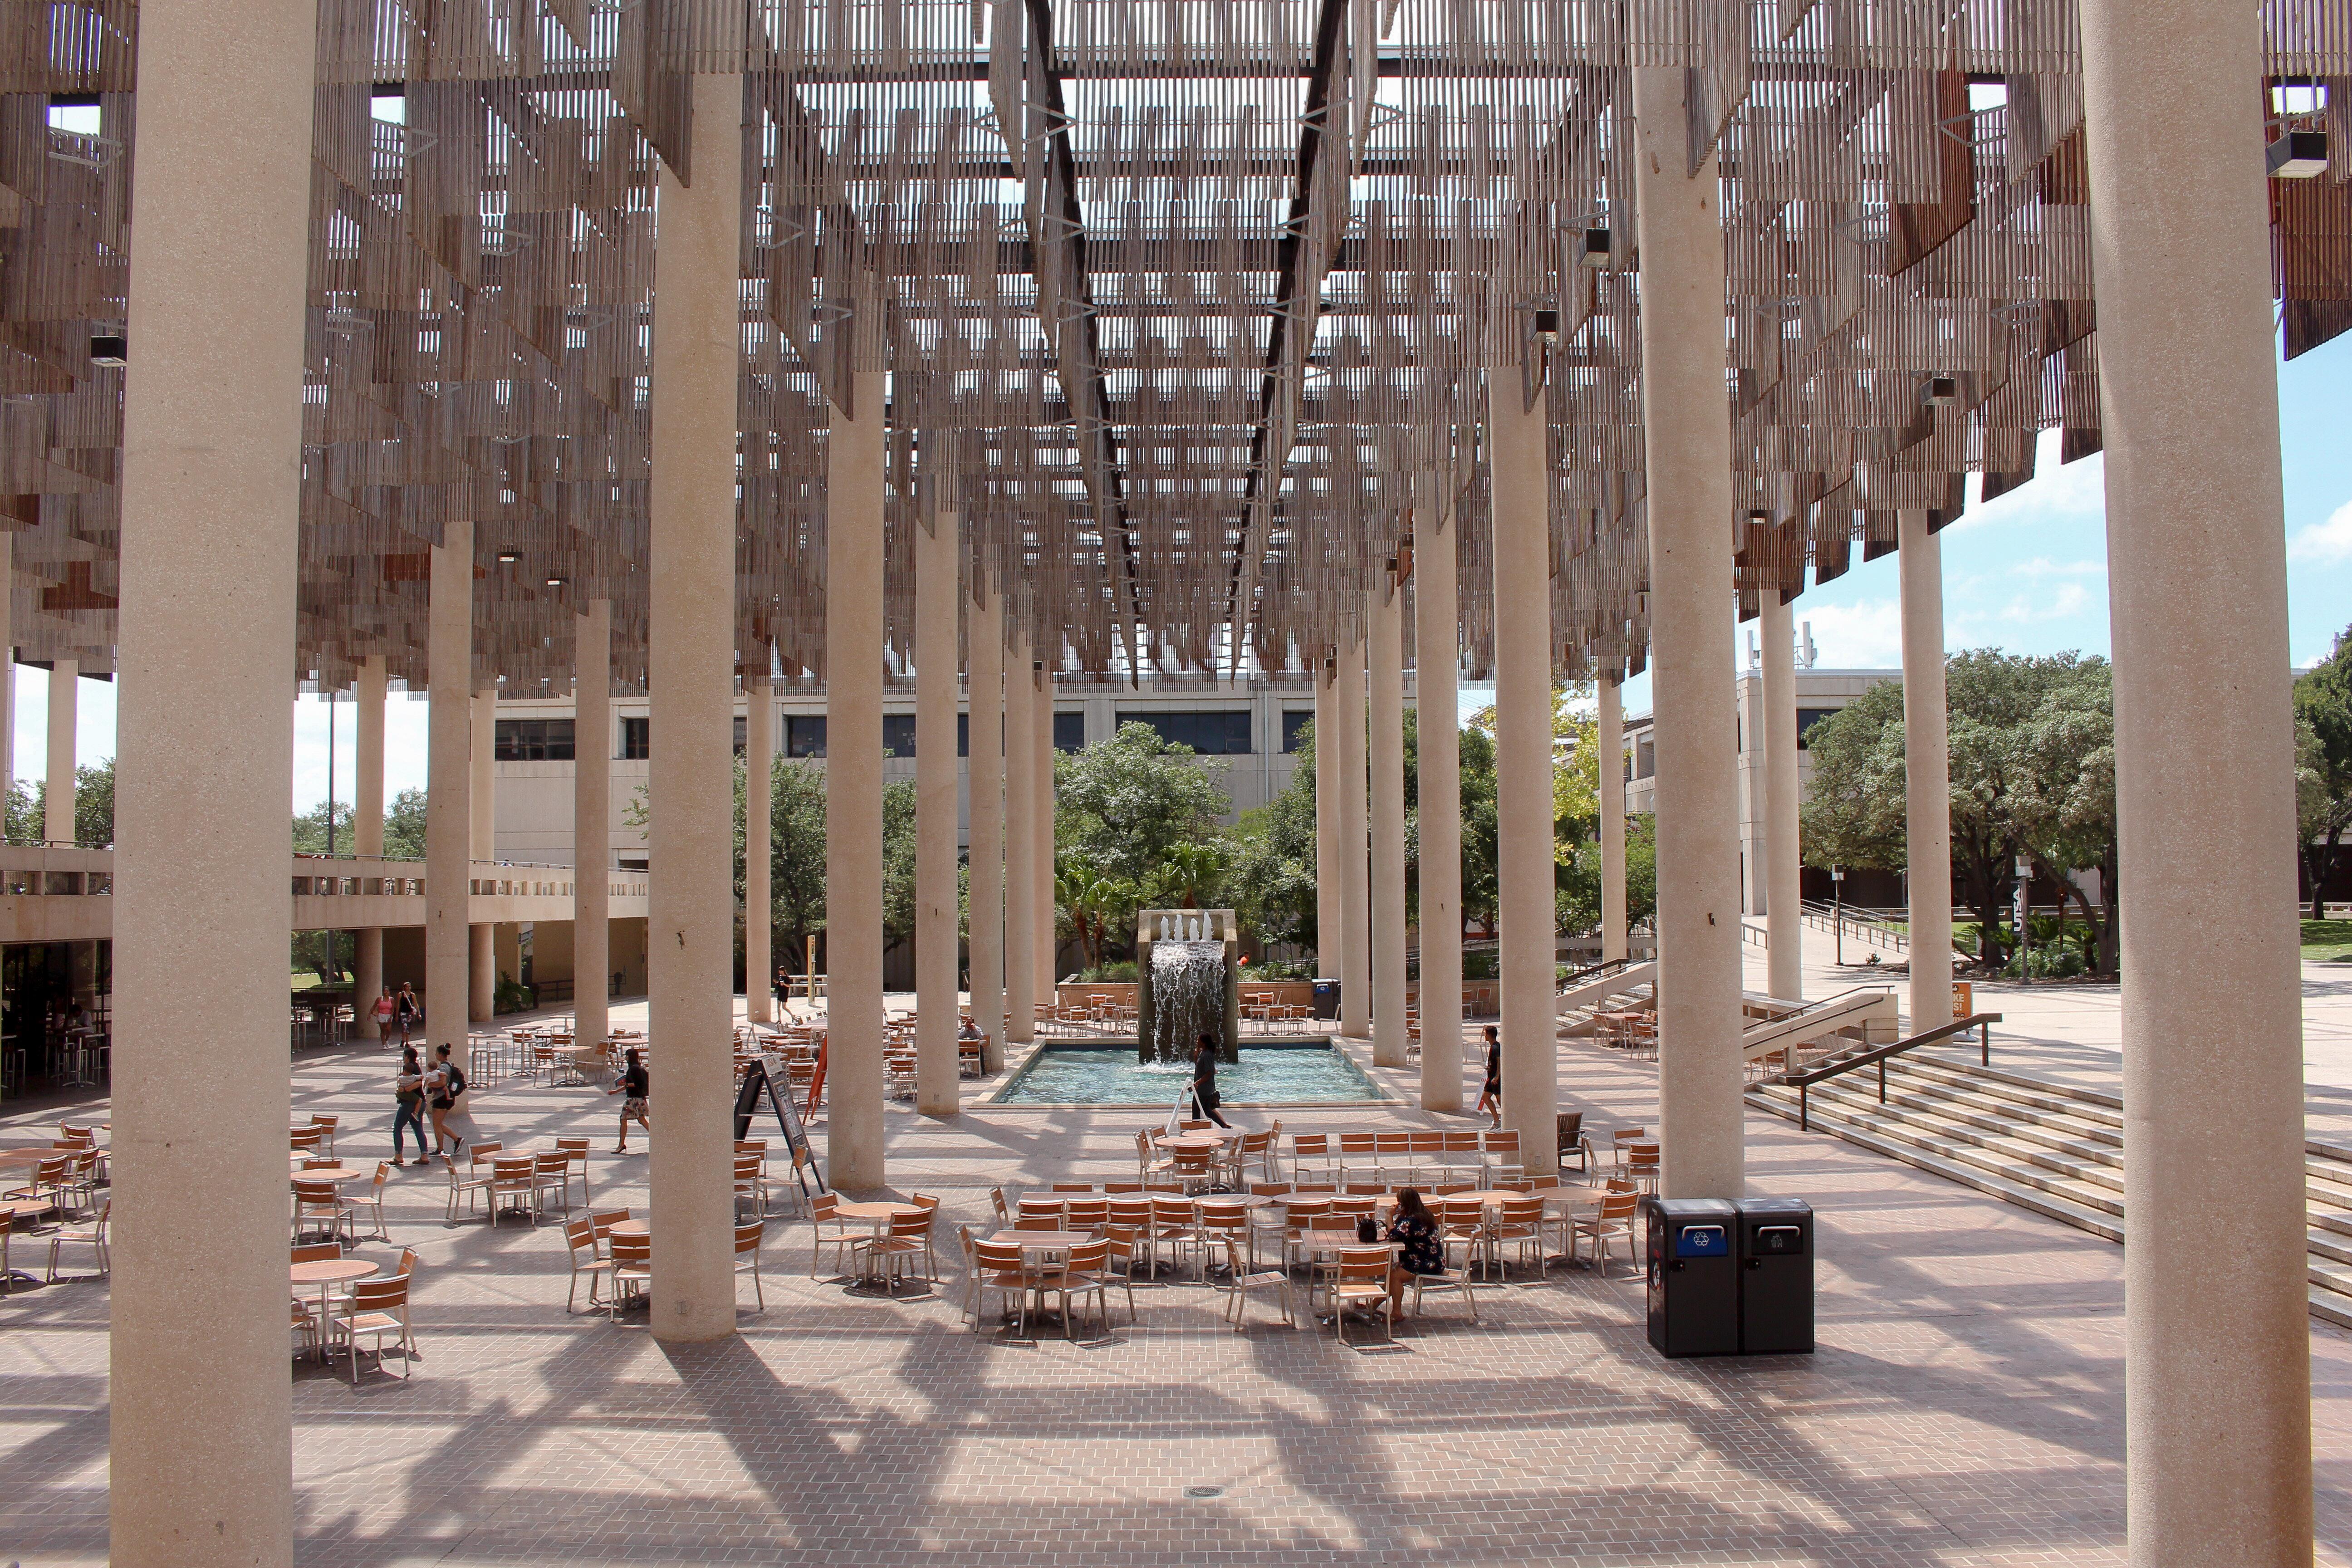 Campus_Photos_Julia_maenius20190825_0004